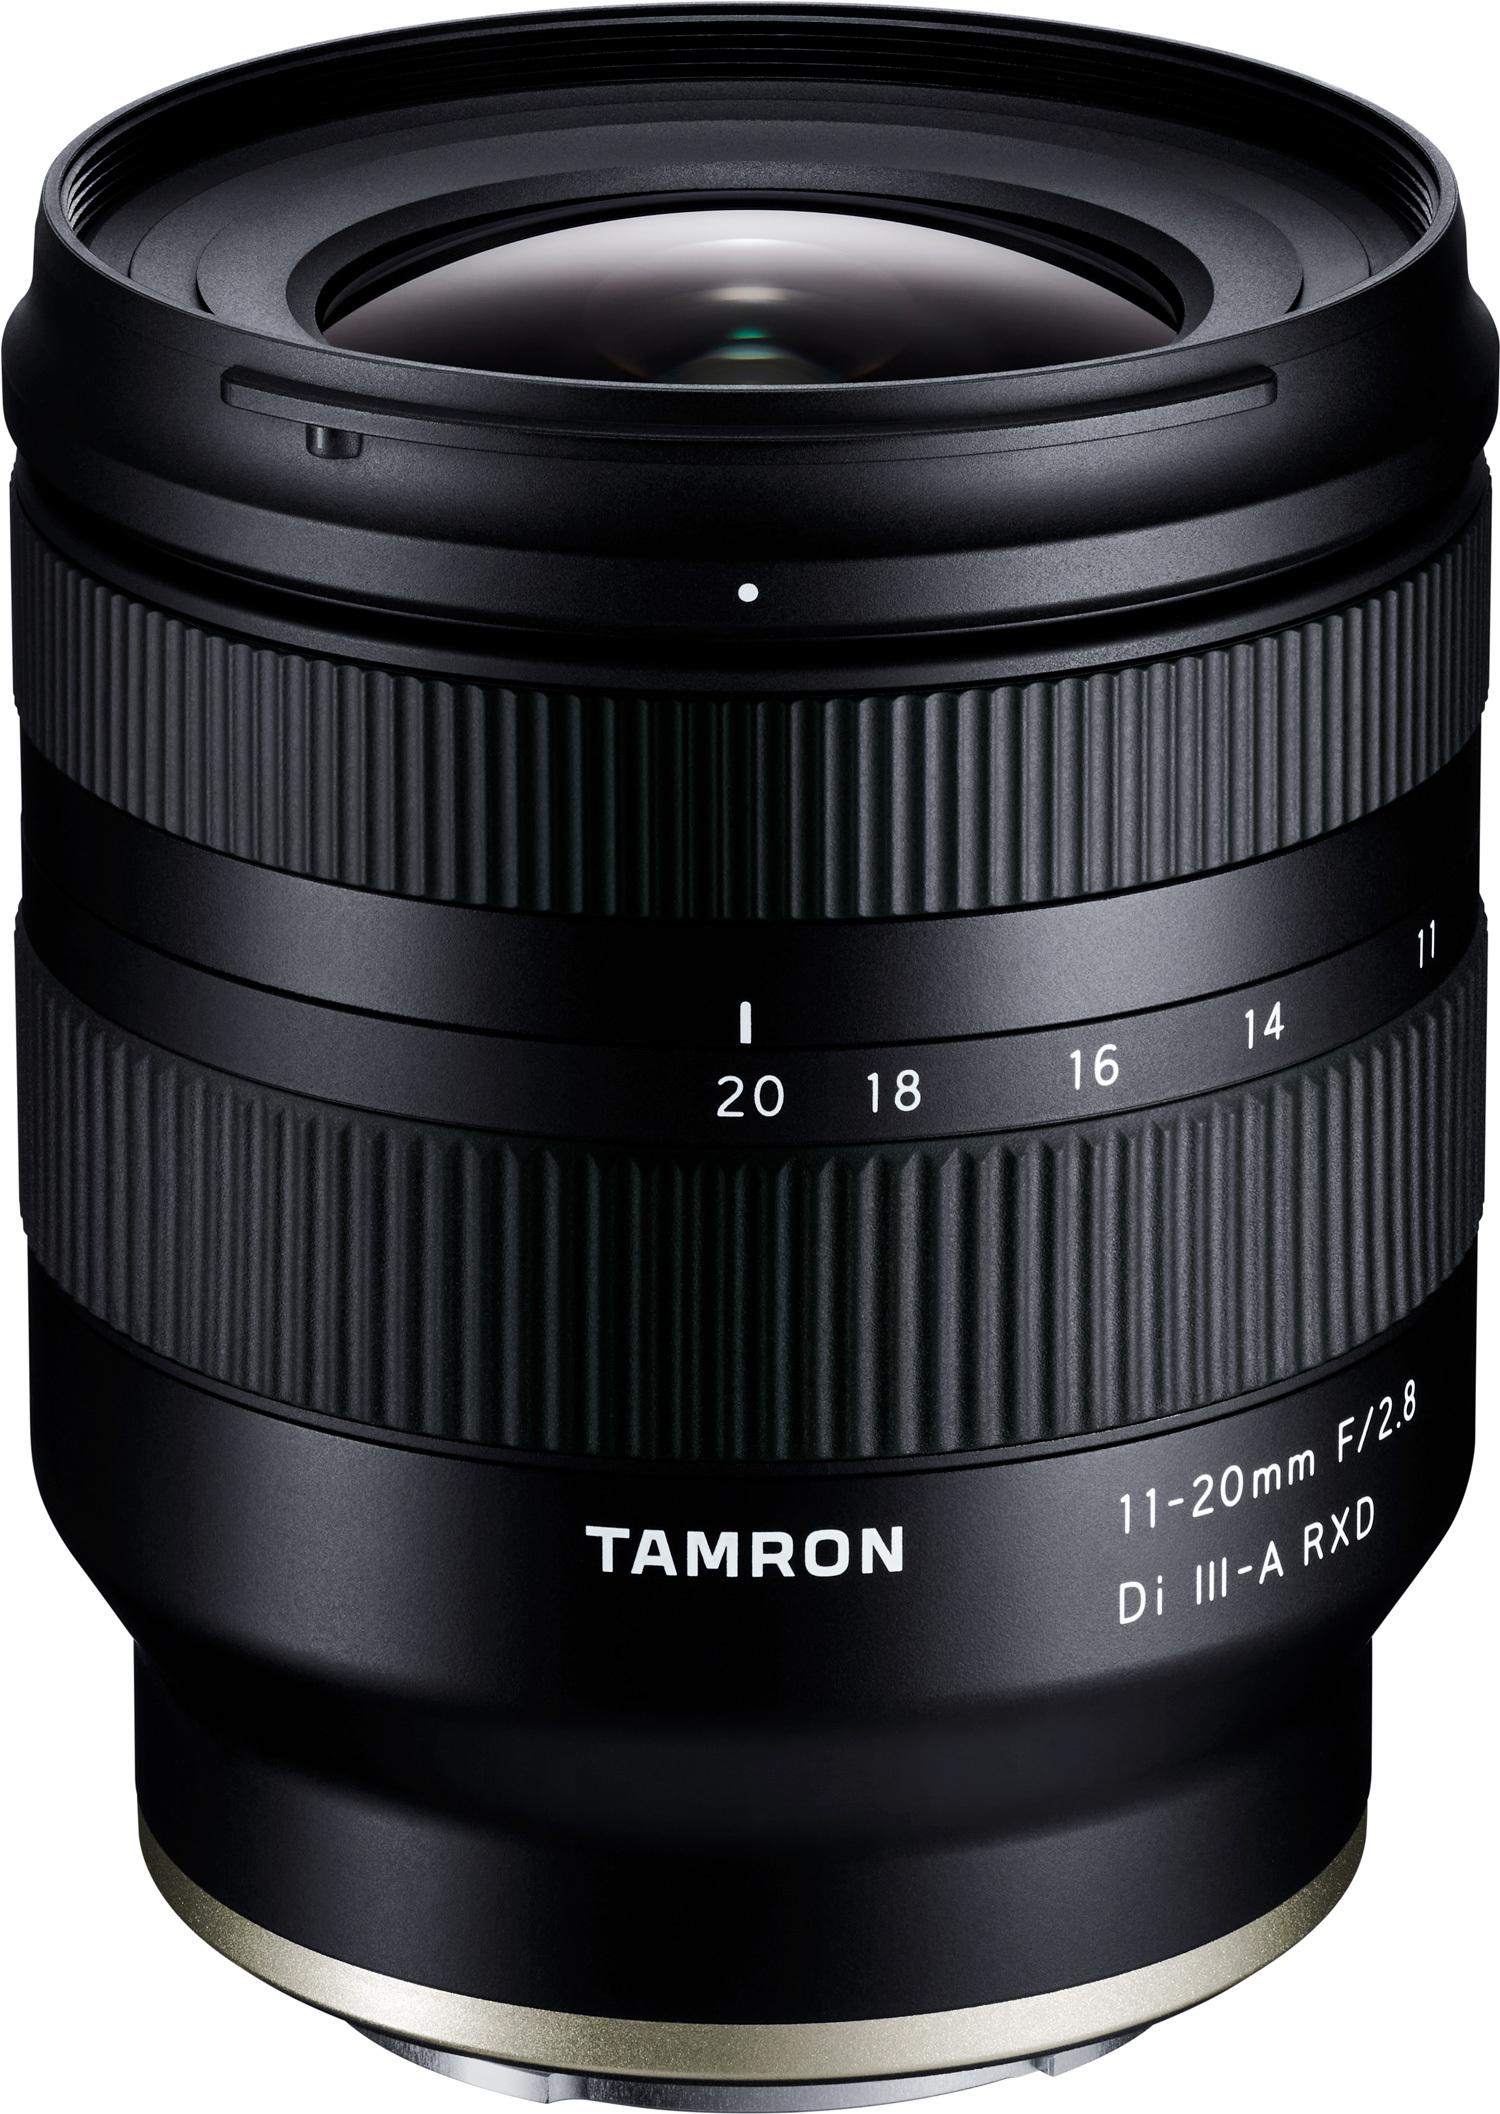 Tamron-11-20mm-f2.8-Di-III-A-RXD_03_116500.jpg